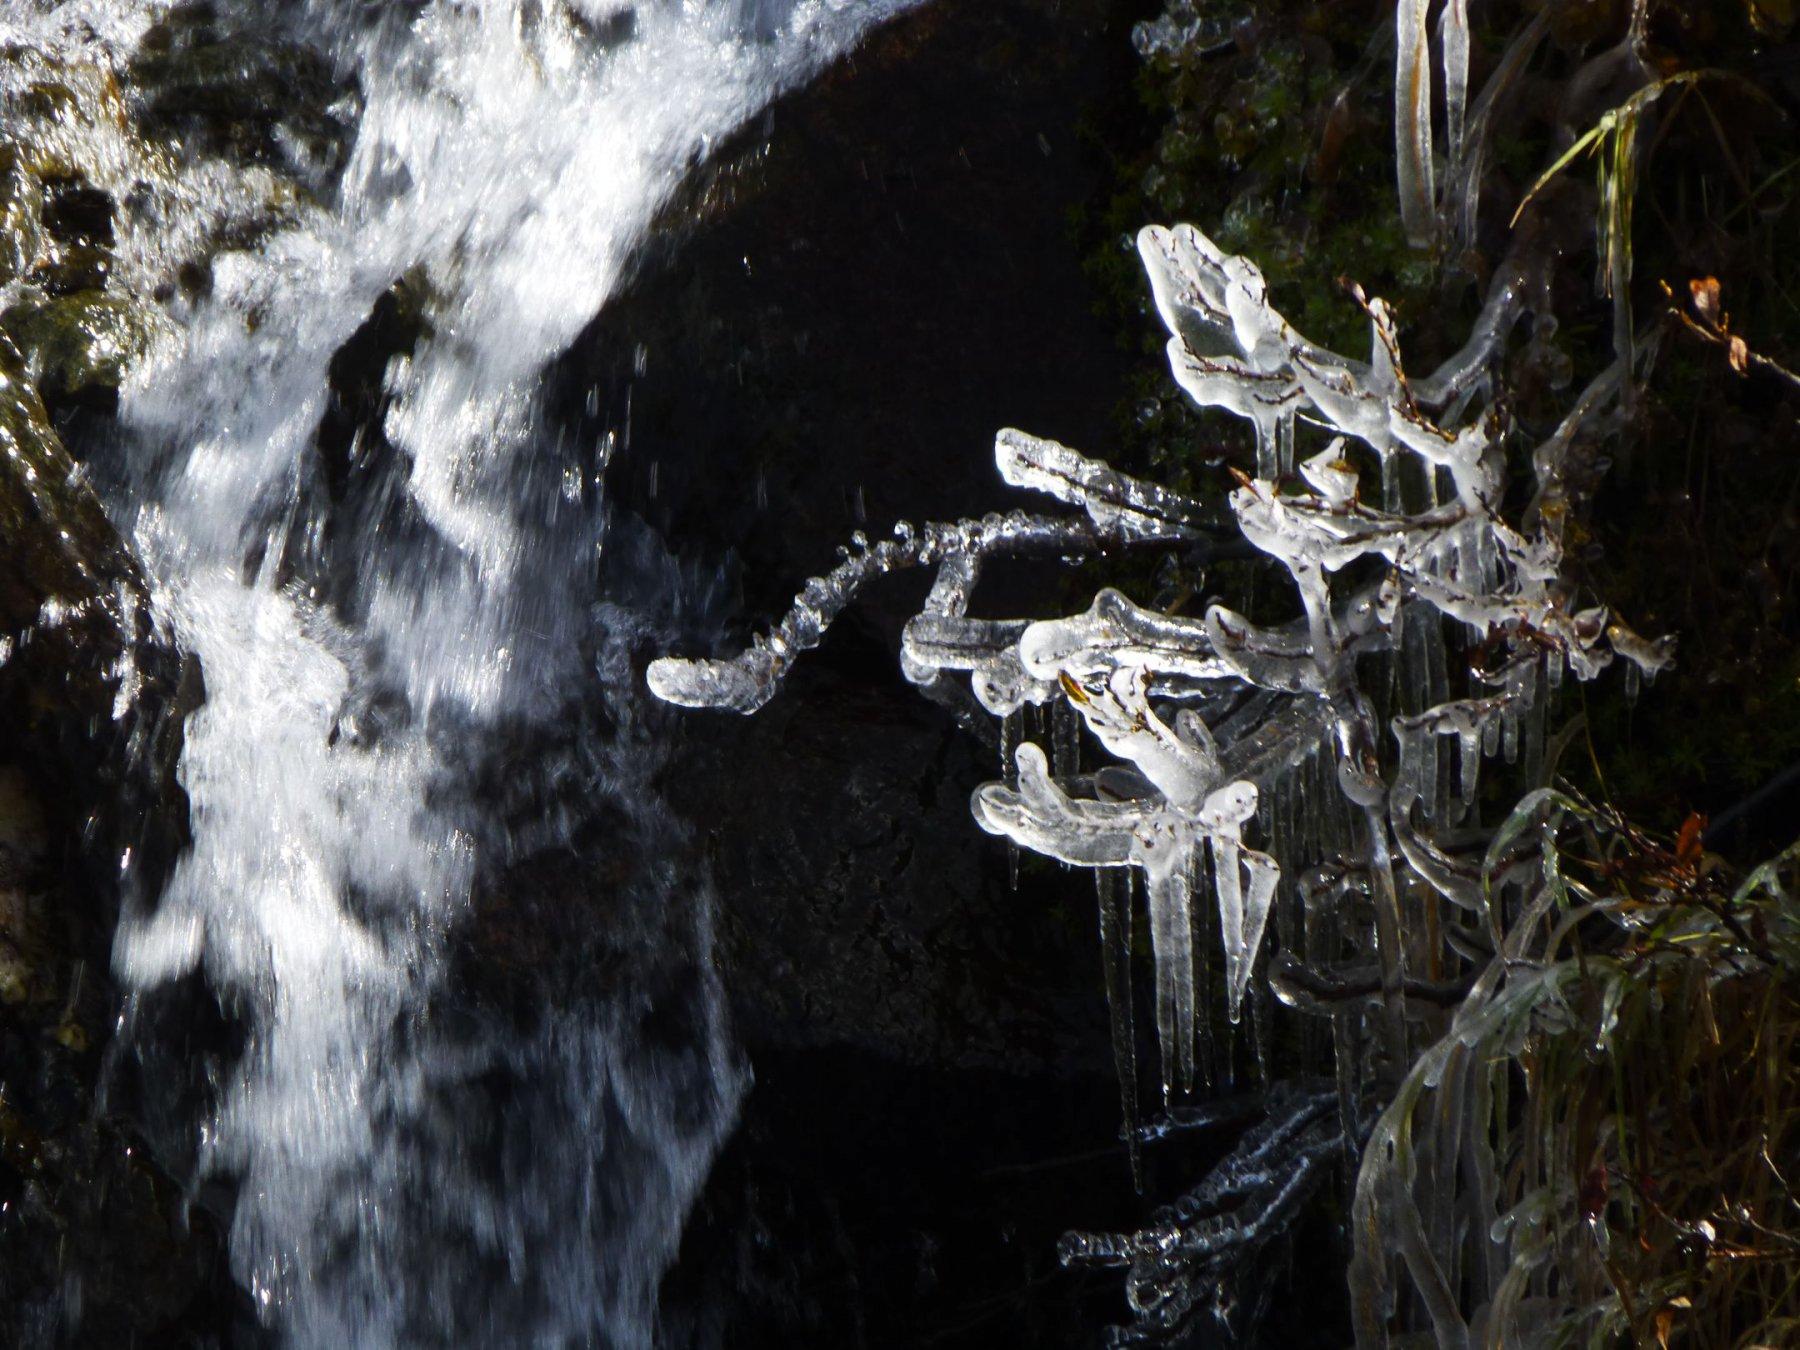 Giochi d'acqua e di ghiaccio